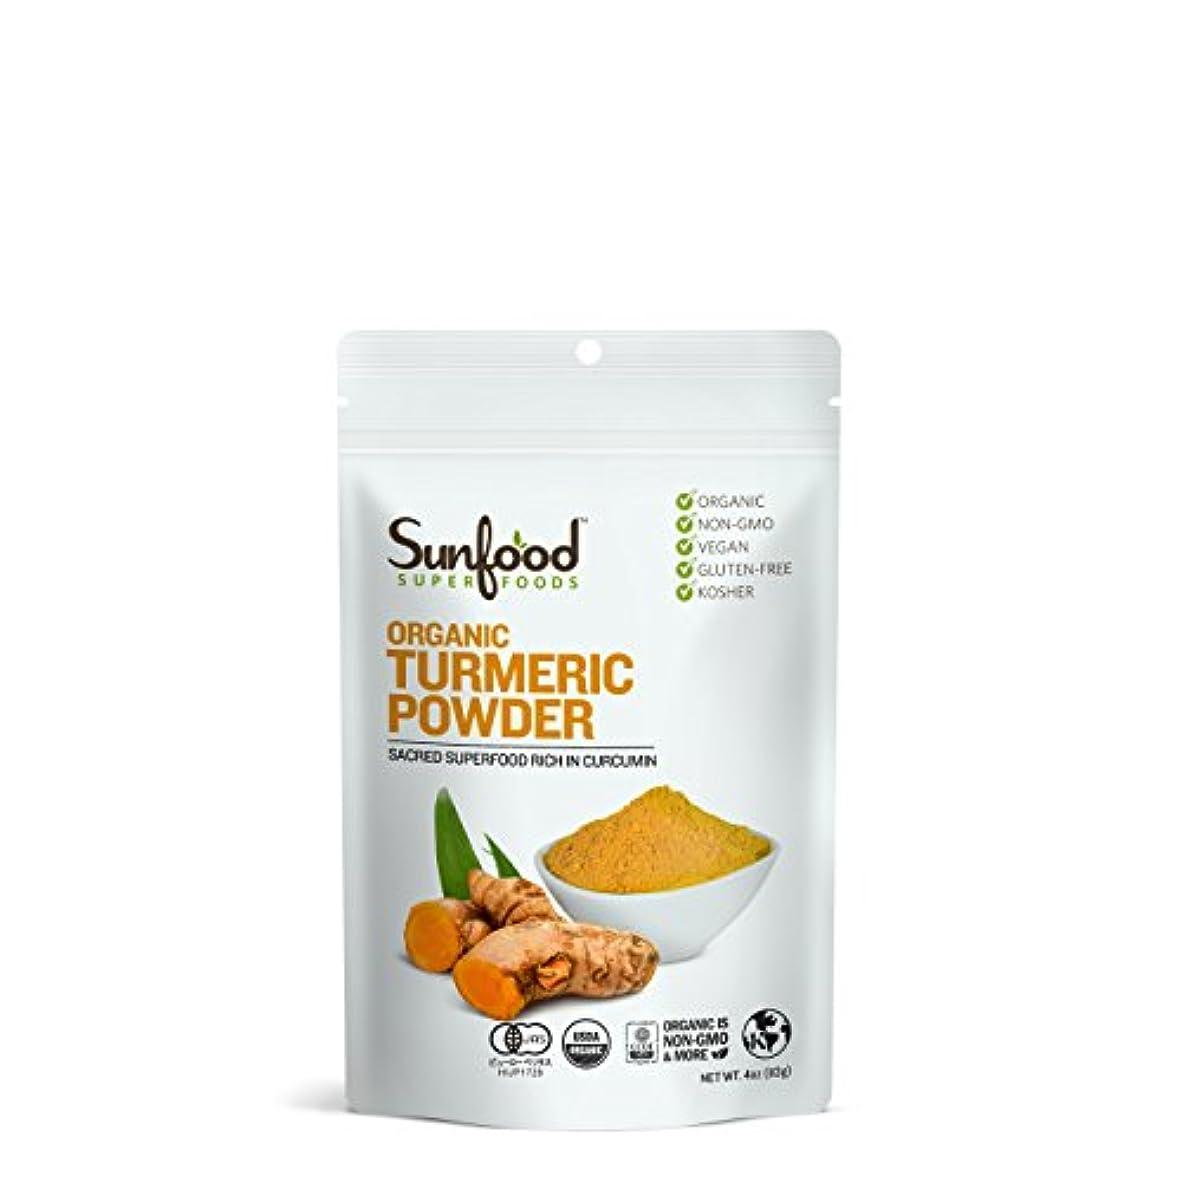 有罪クリップ面積サンフードスーパーフーズ(Sunfood Superfoods) オーガニック ターメリックパウダー 113g【有機JAS認証付】 日本正規品